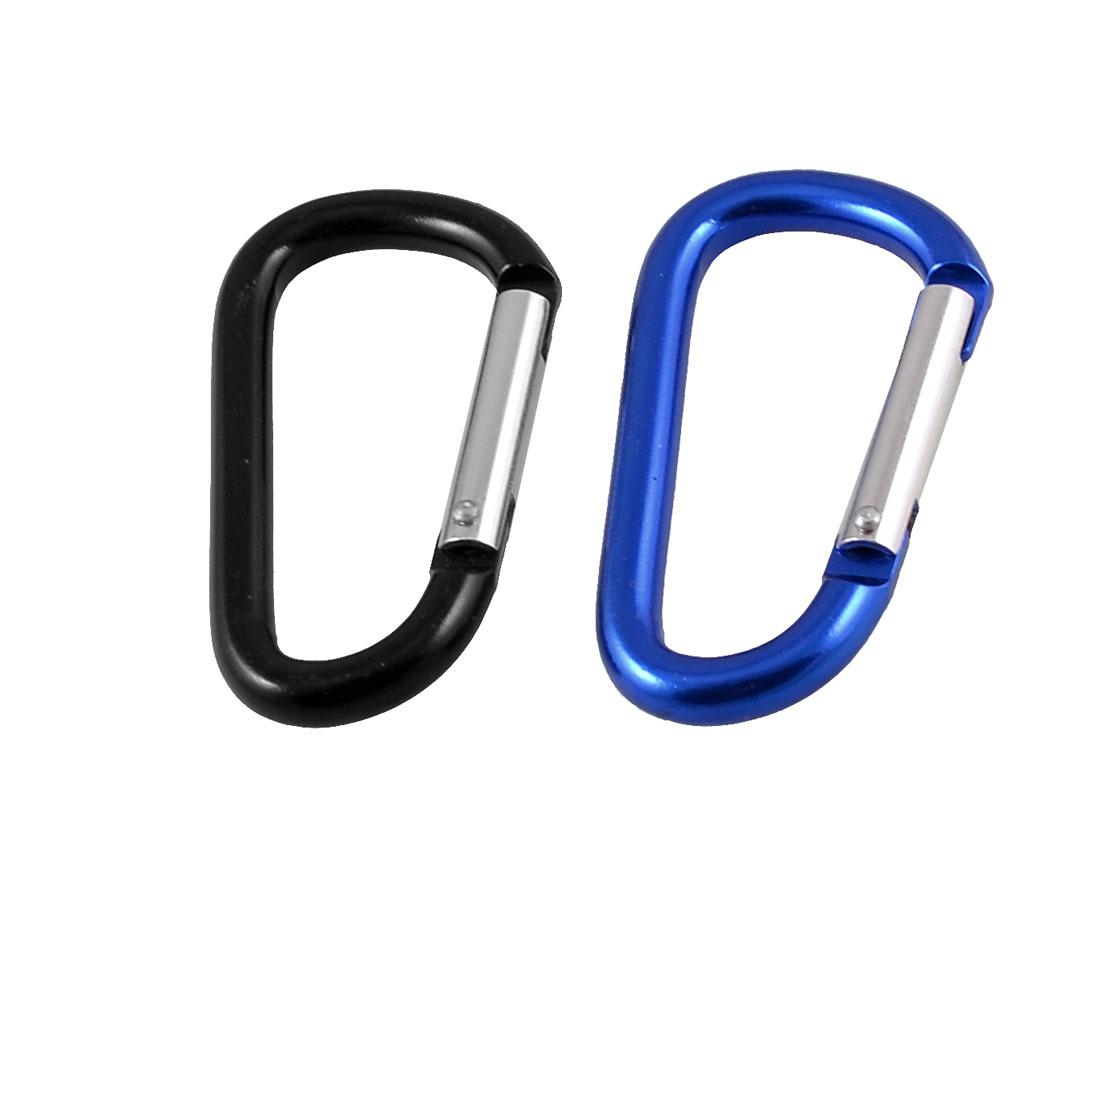 2 Pcs Black Blue Spring Design Gate D Shaped Carabiner Hook Key Holder